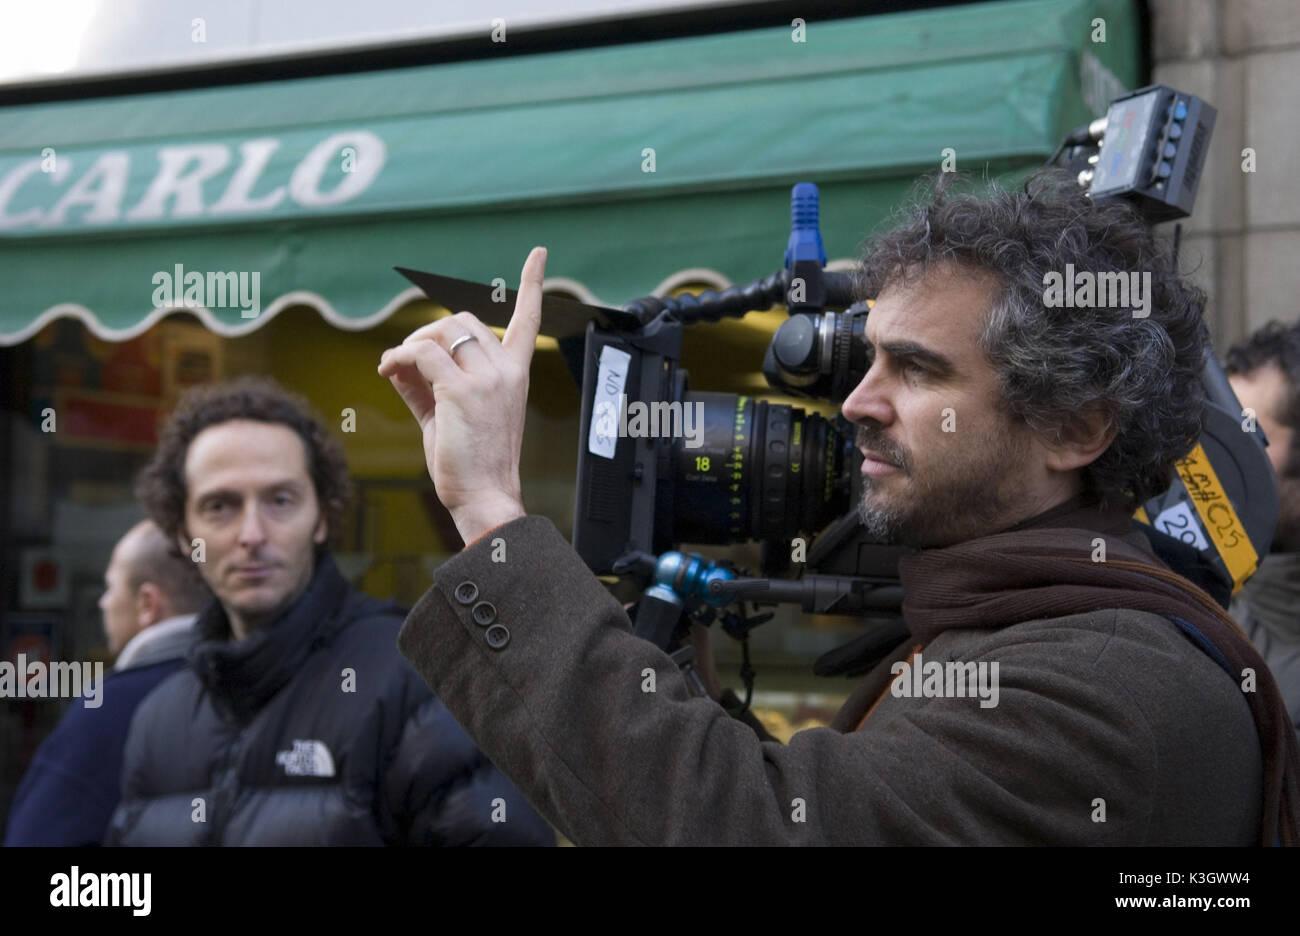 ผลการค้นหารูปภาพสำหรับ emmanuel lubezki alfonso cuaron